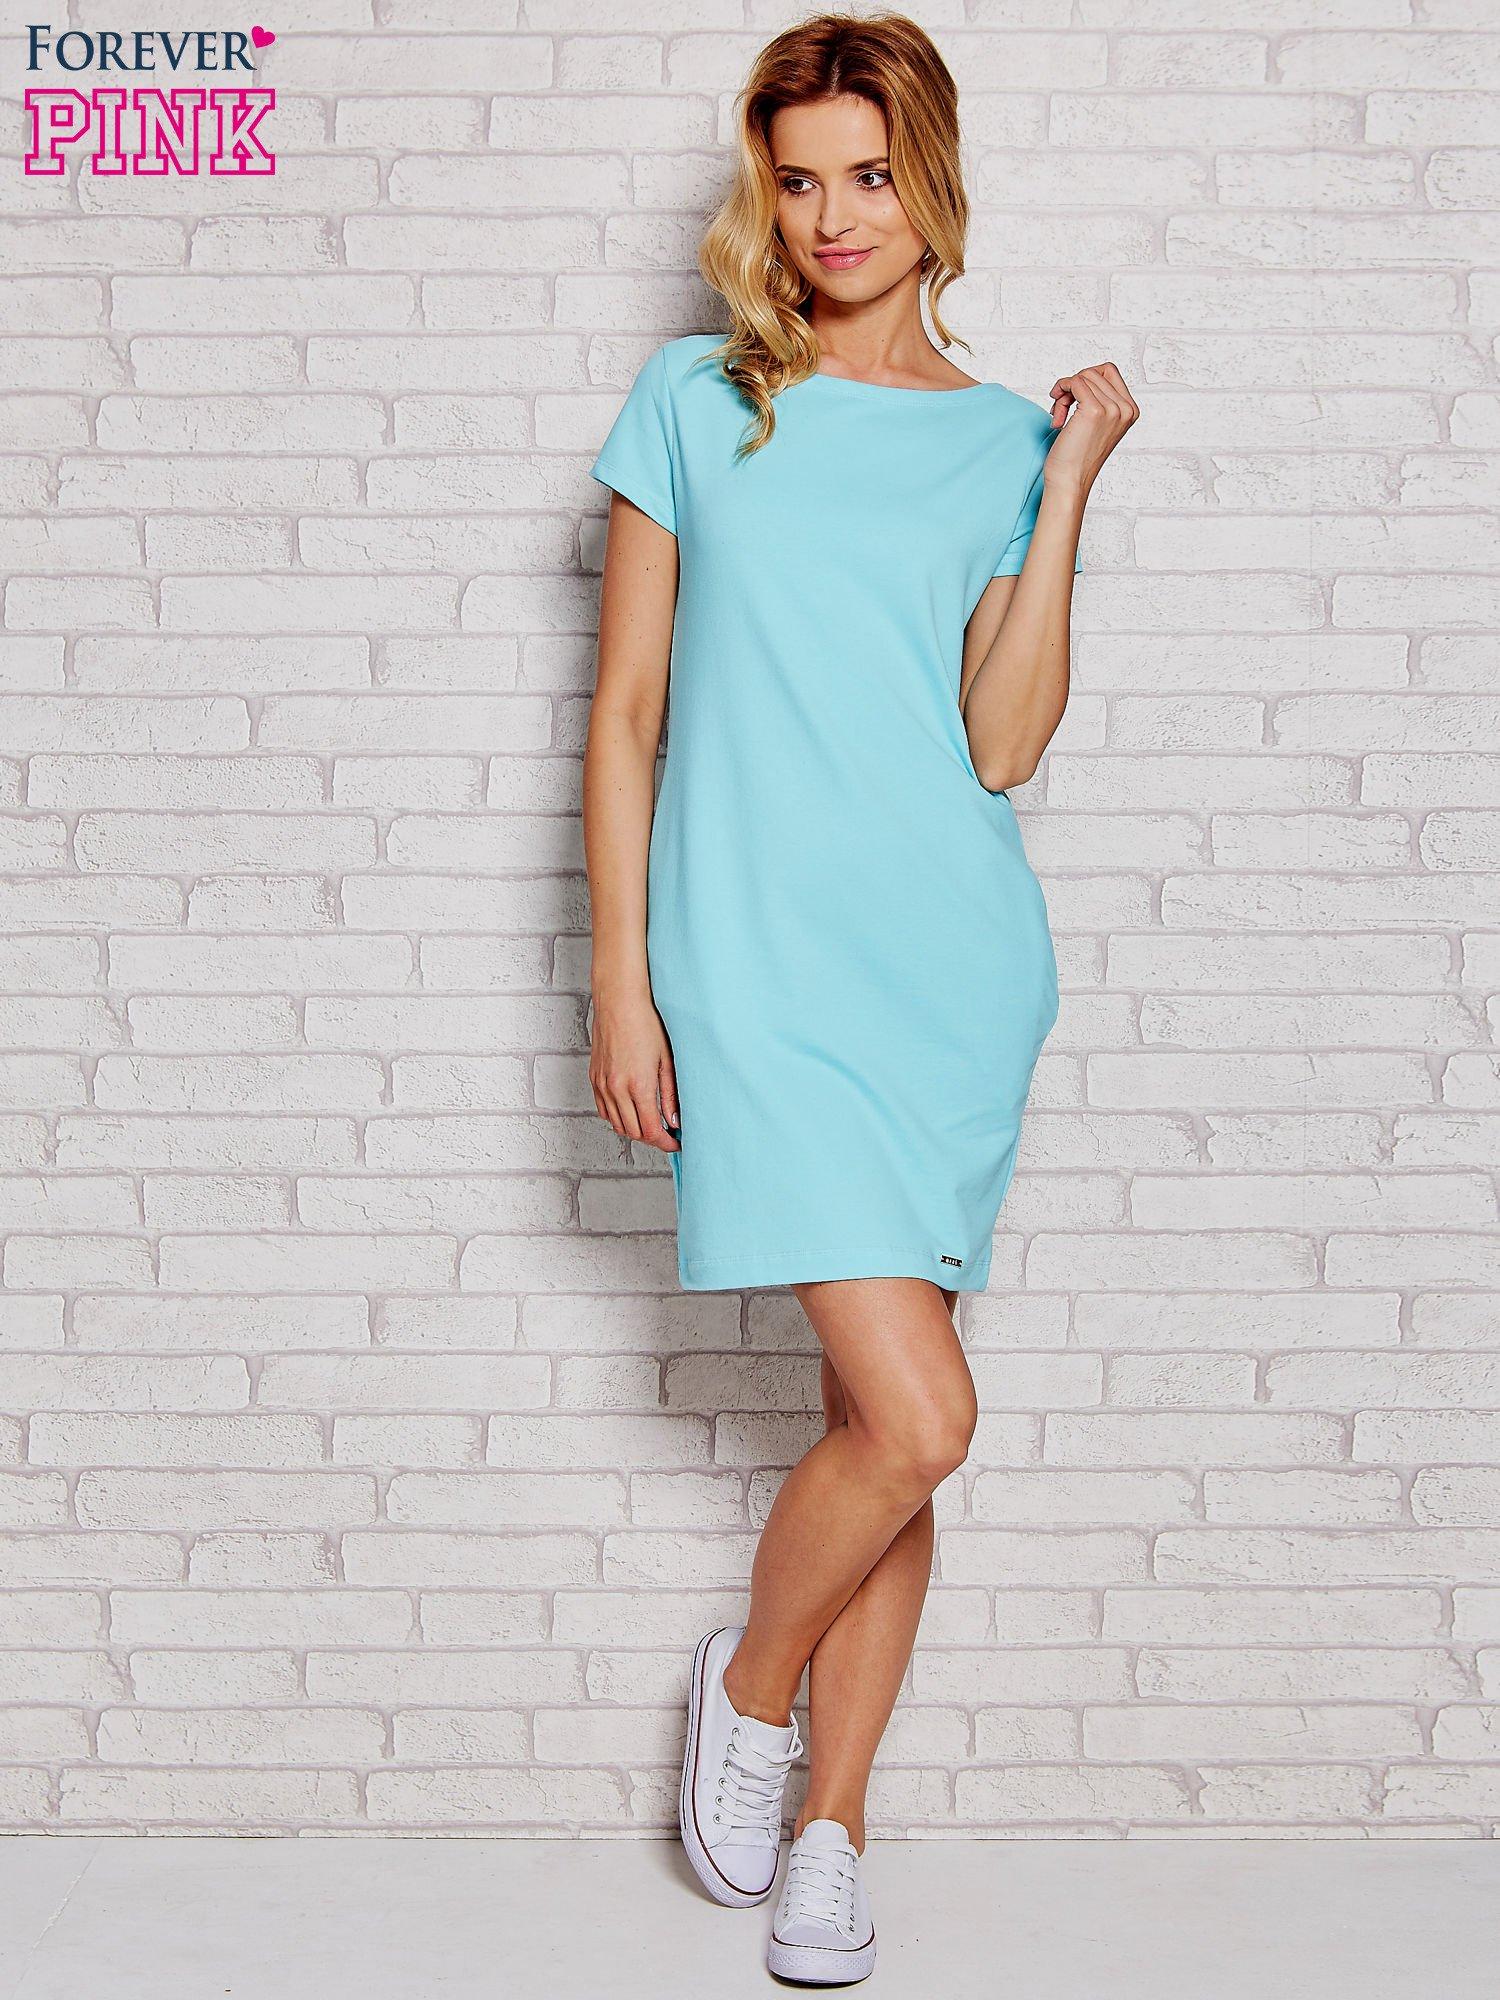 2124821a46a313 Błękitna sukienka dresowa z kieszeniami - Sukienka na co dzień ...